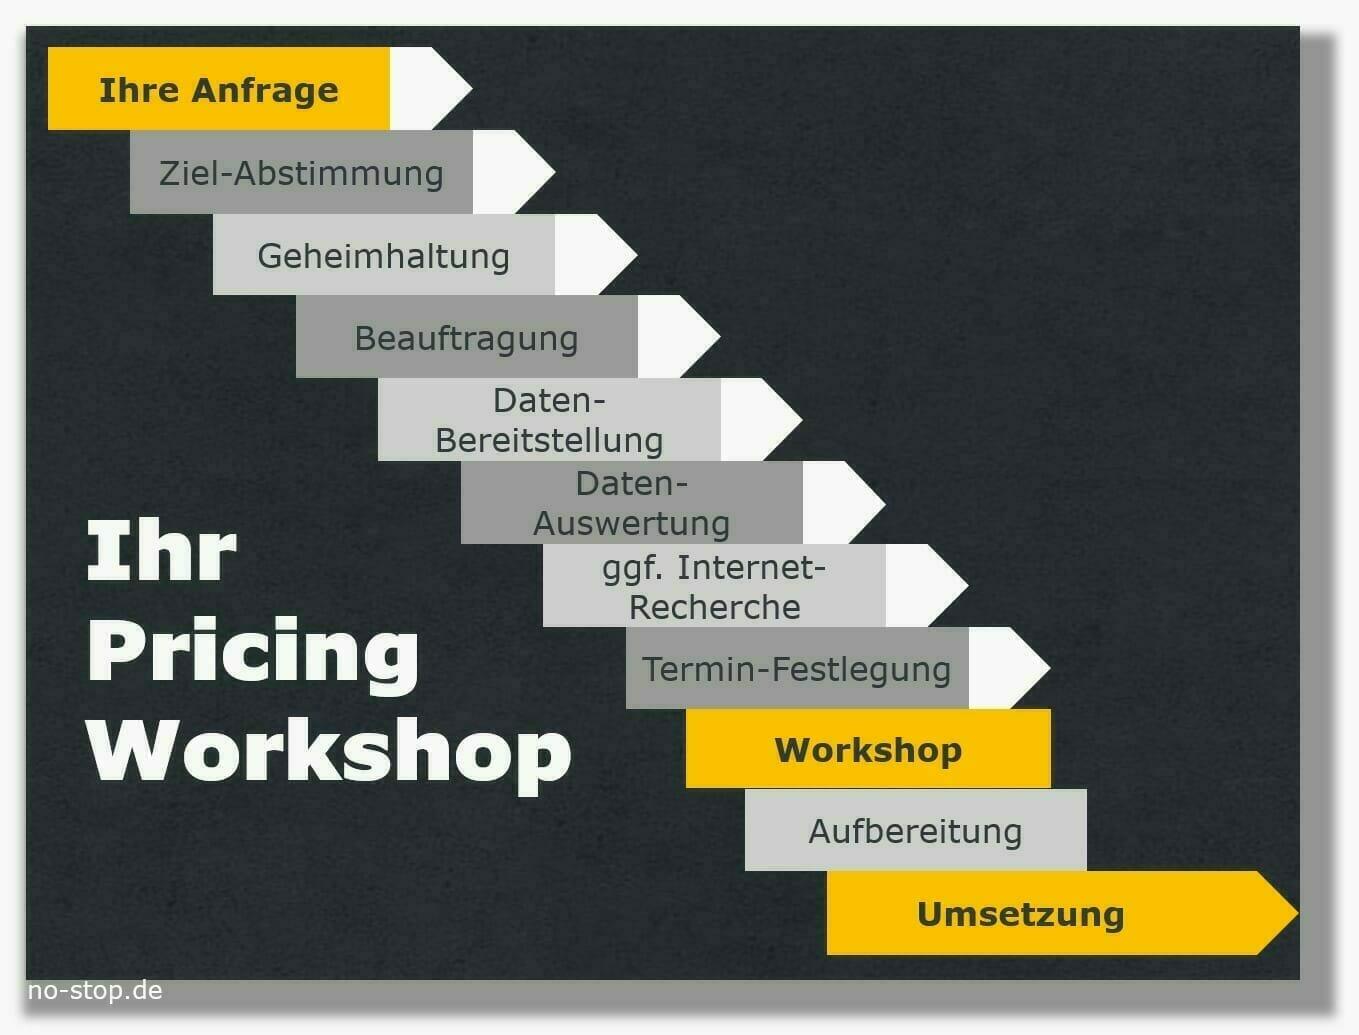 Ablauf zum Workshop Ersatzteil-Pricing